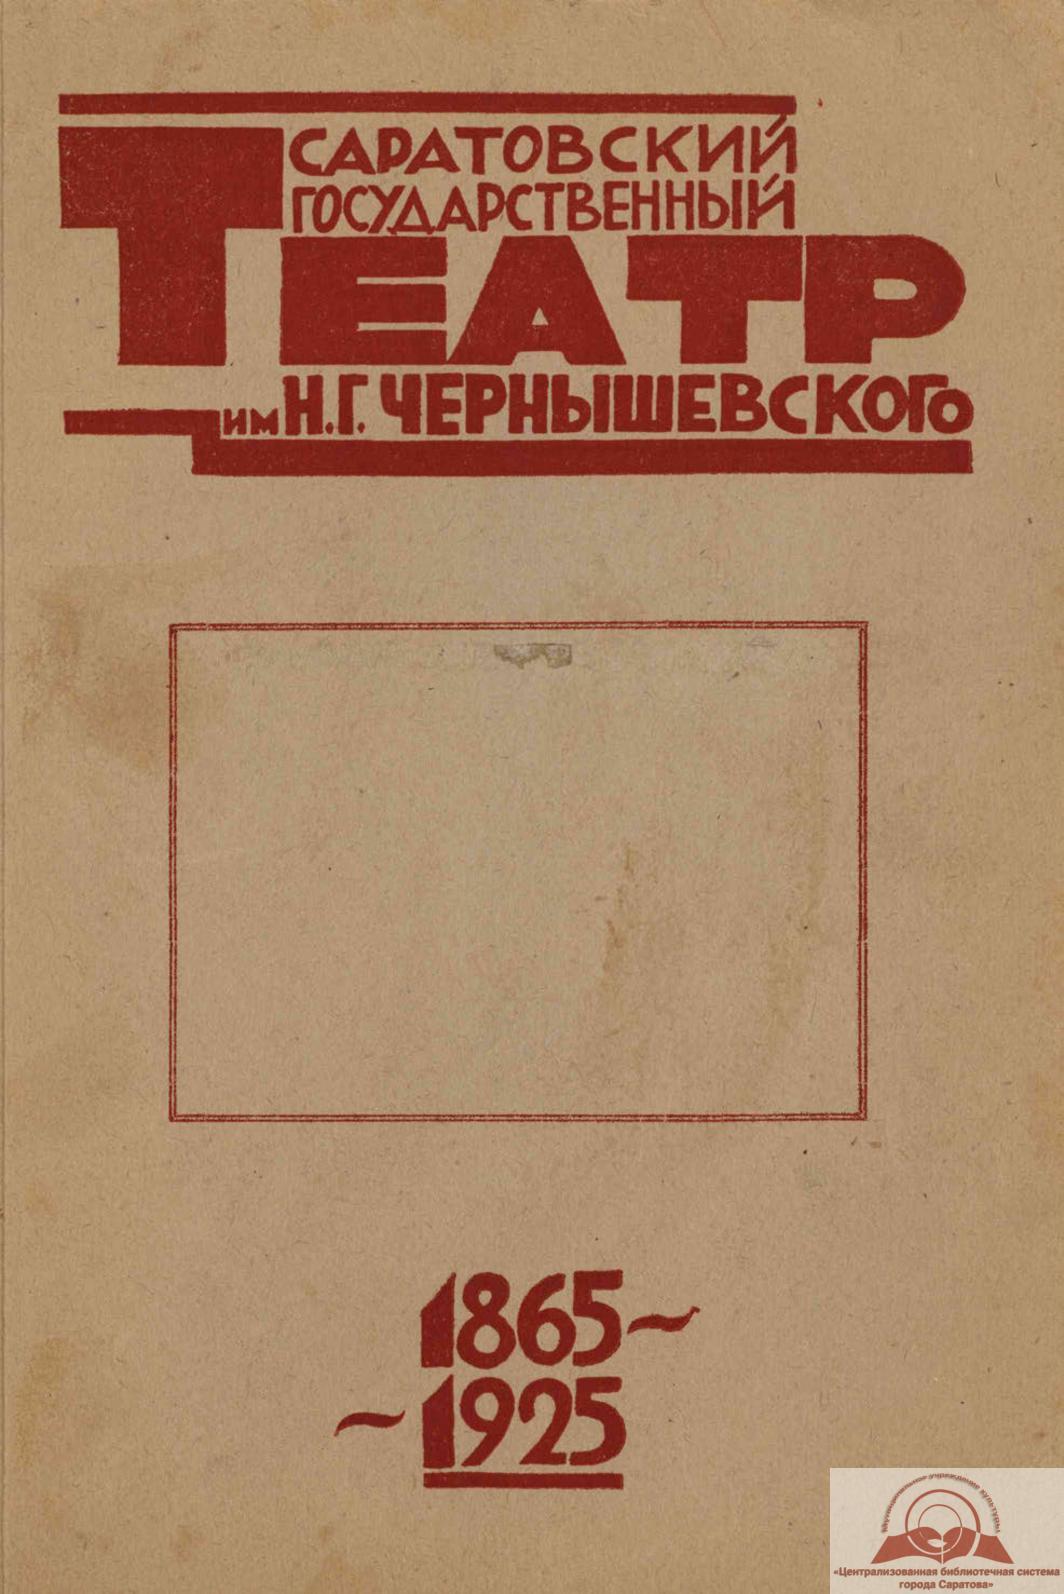 Саратовский государственный театр им. Н. Г. Чернышевского. 1865-1925